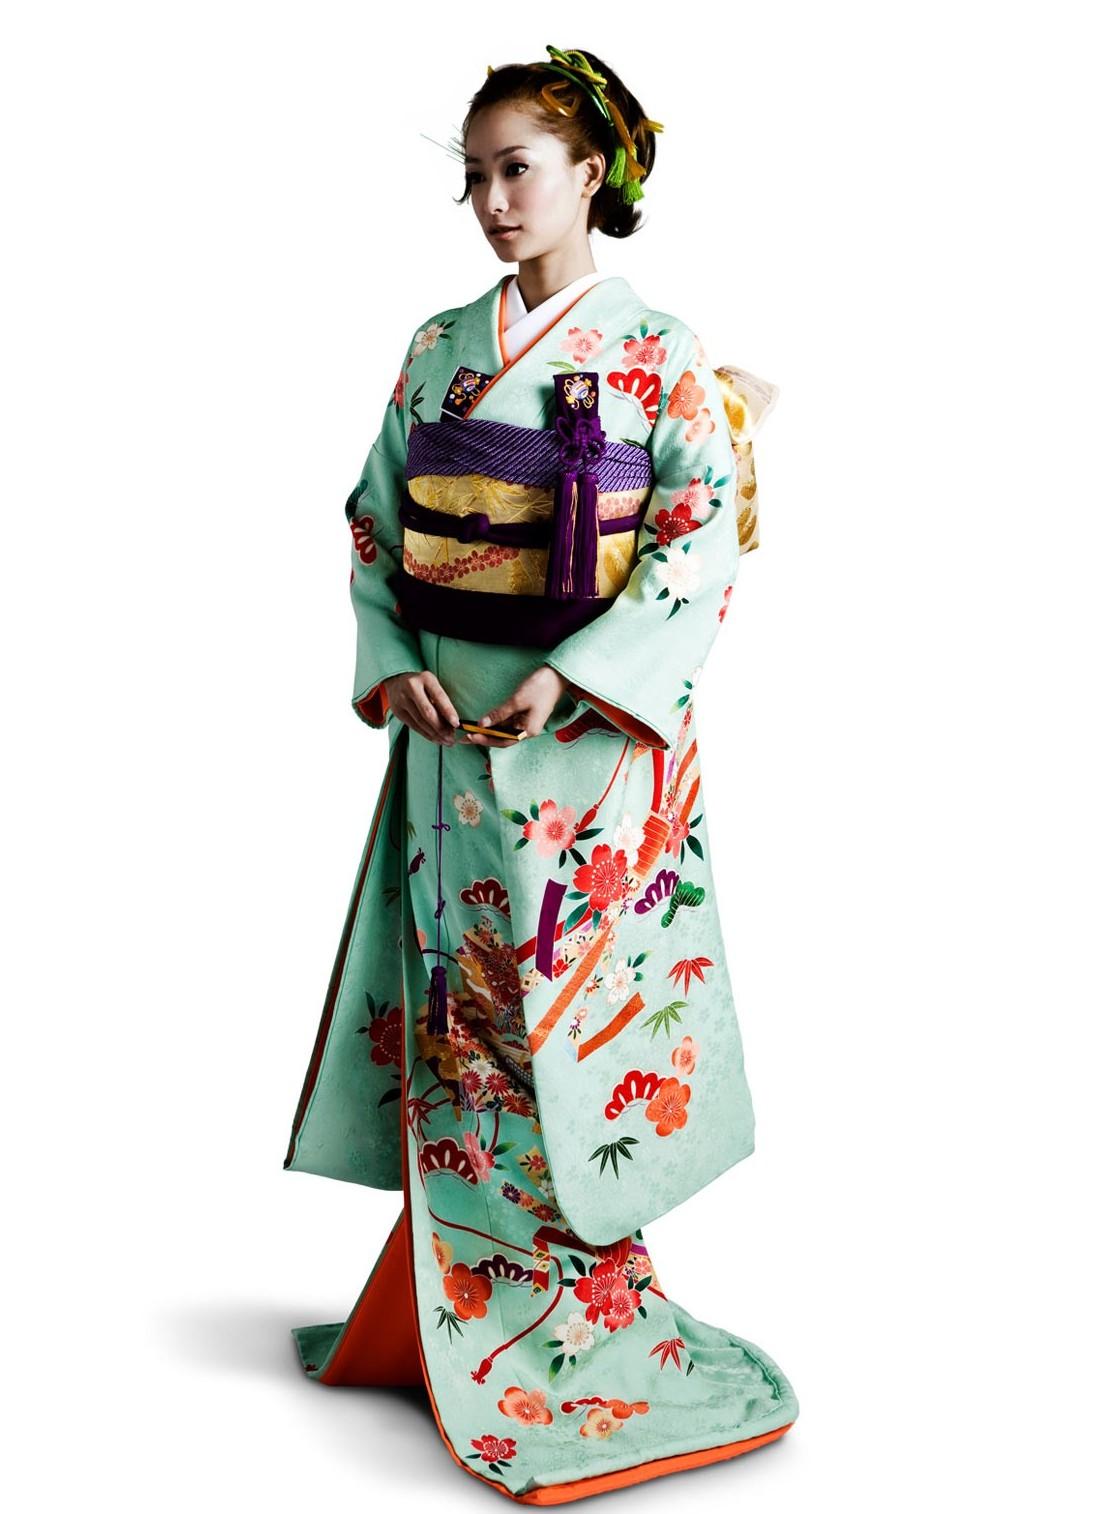 ефремова японское кимоно картинки трех турах